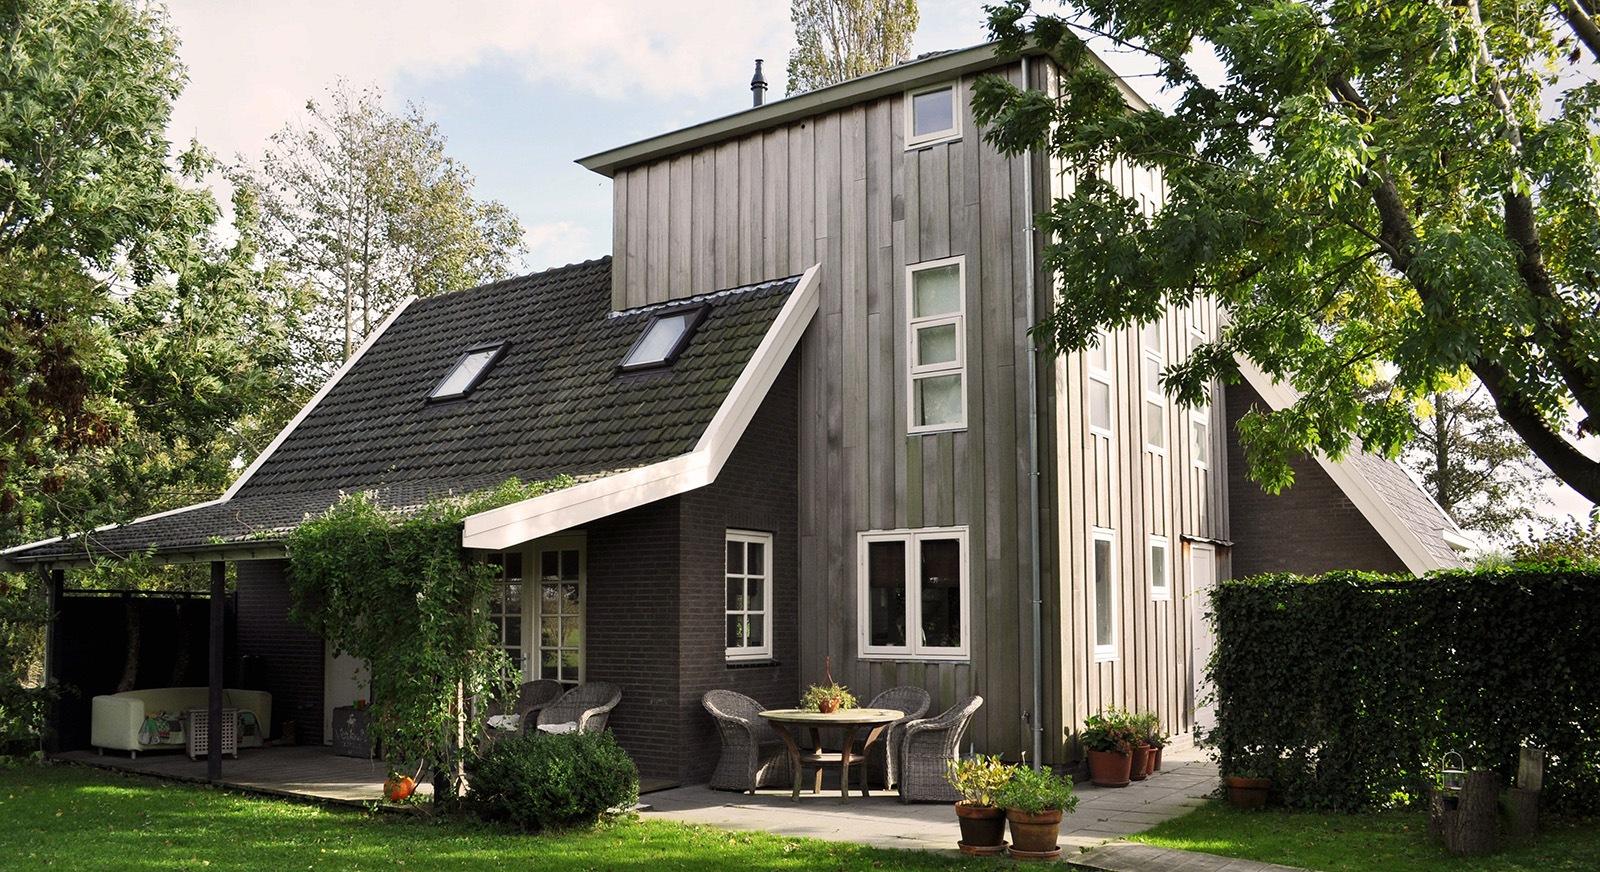 Huis Bouwen Kosten : Richtprijs bouwkosten vrijstaande woning taats architecten